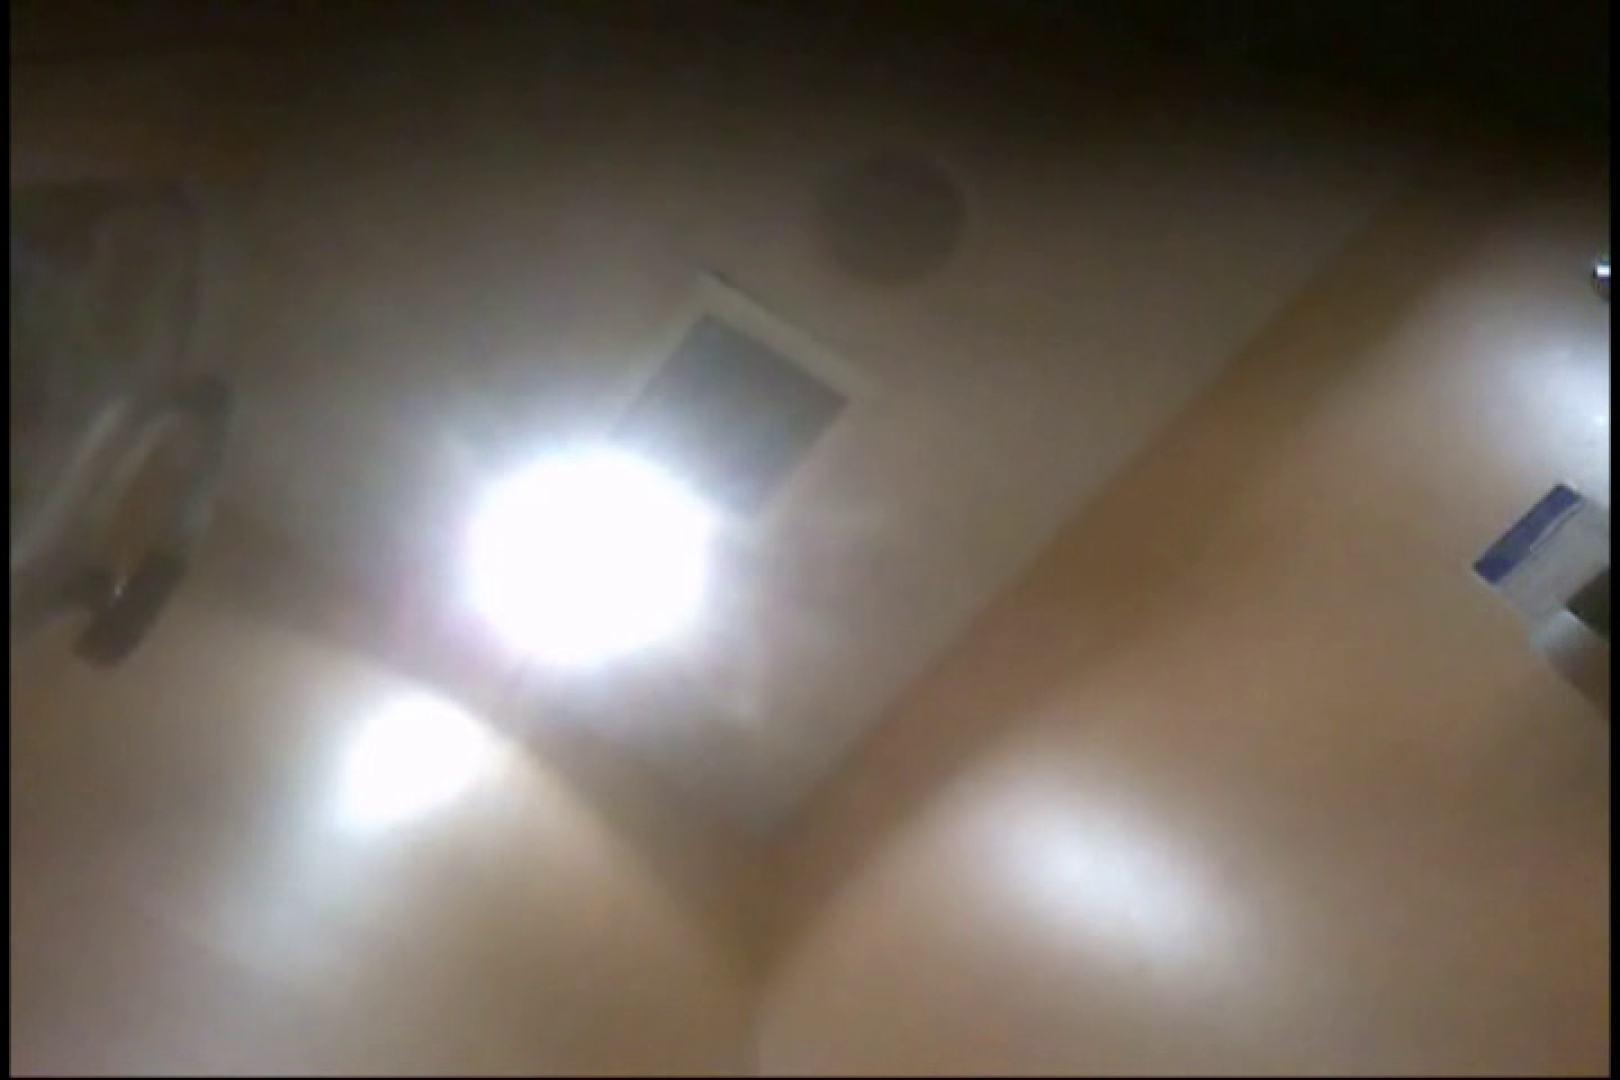 画質向上!新亀さん厠 vol.51 厠隠し撮り おめこ無修正動画無料 81pic 52